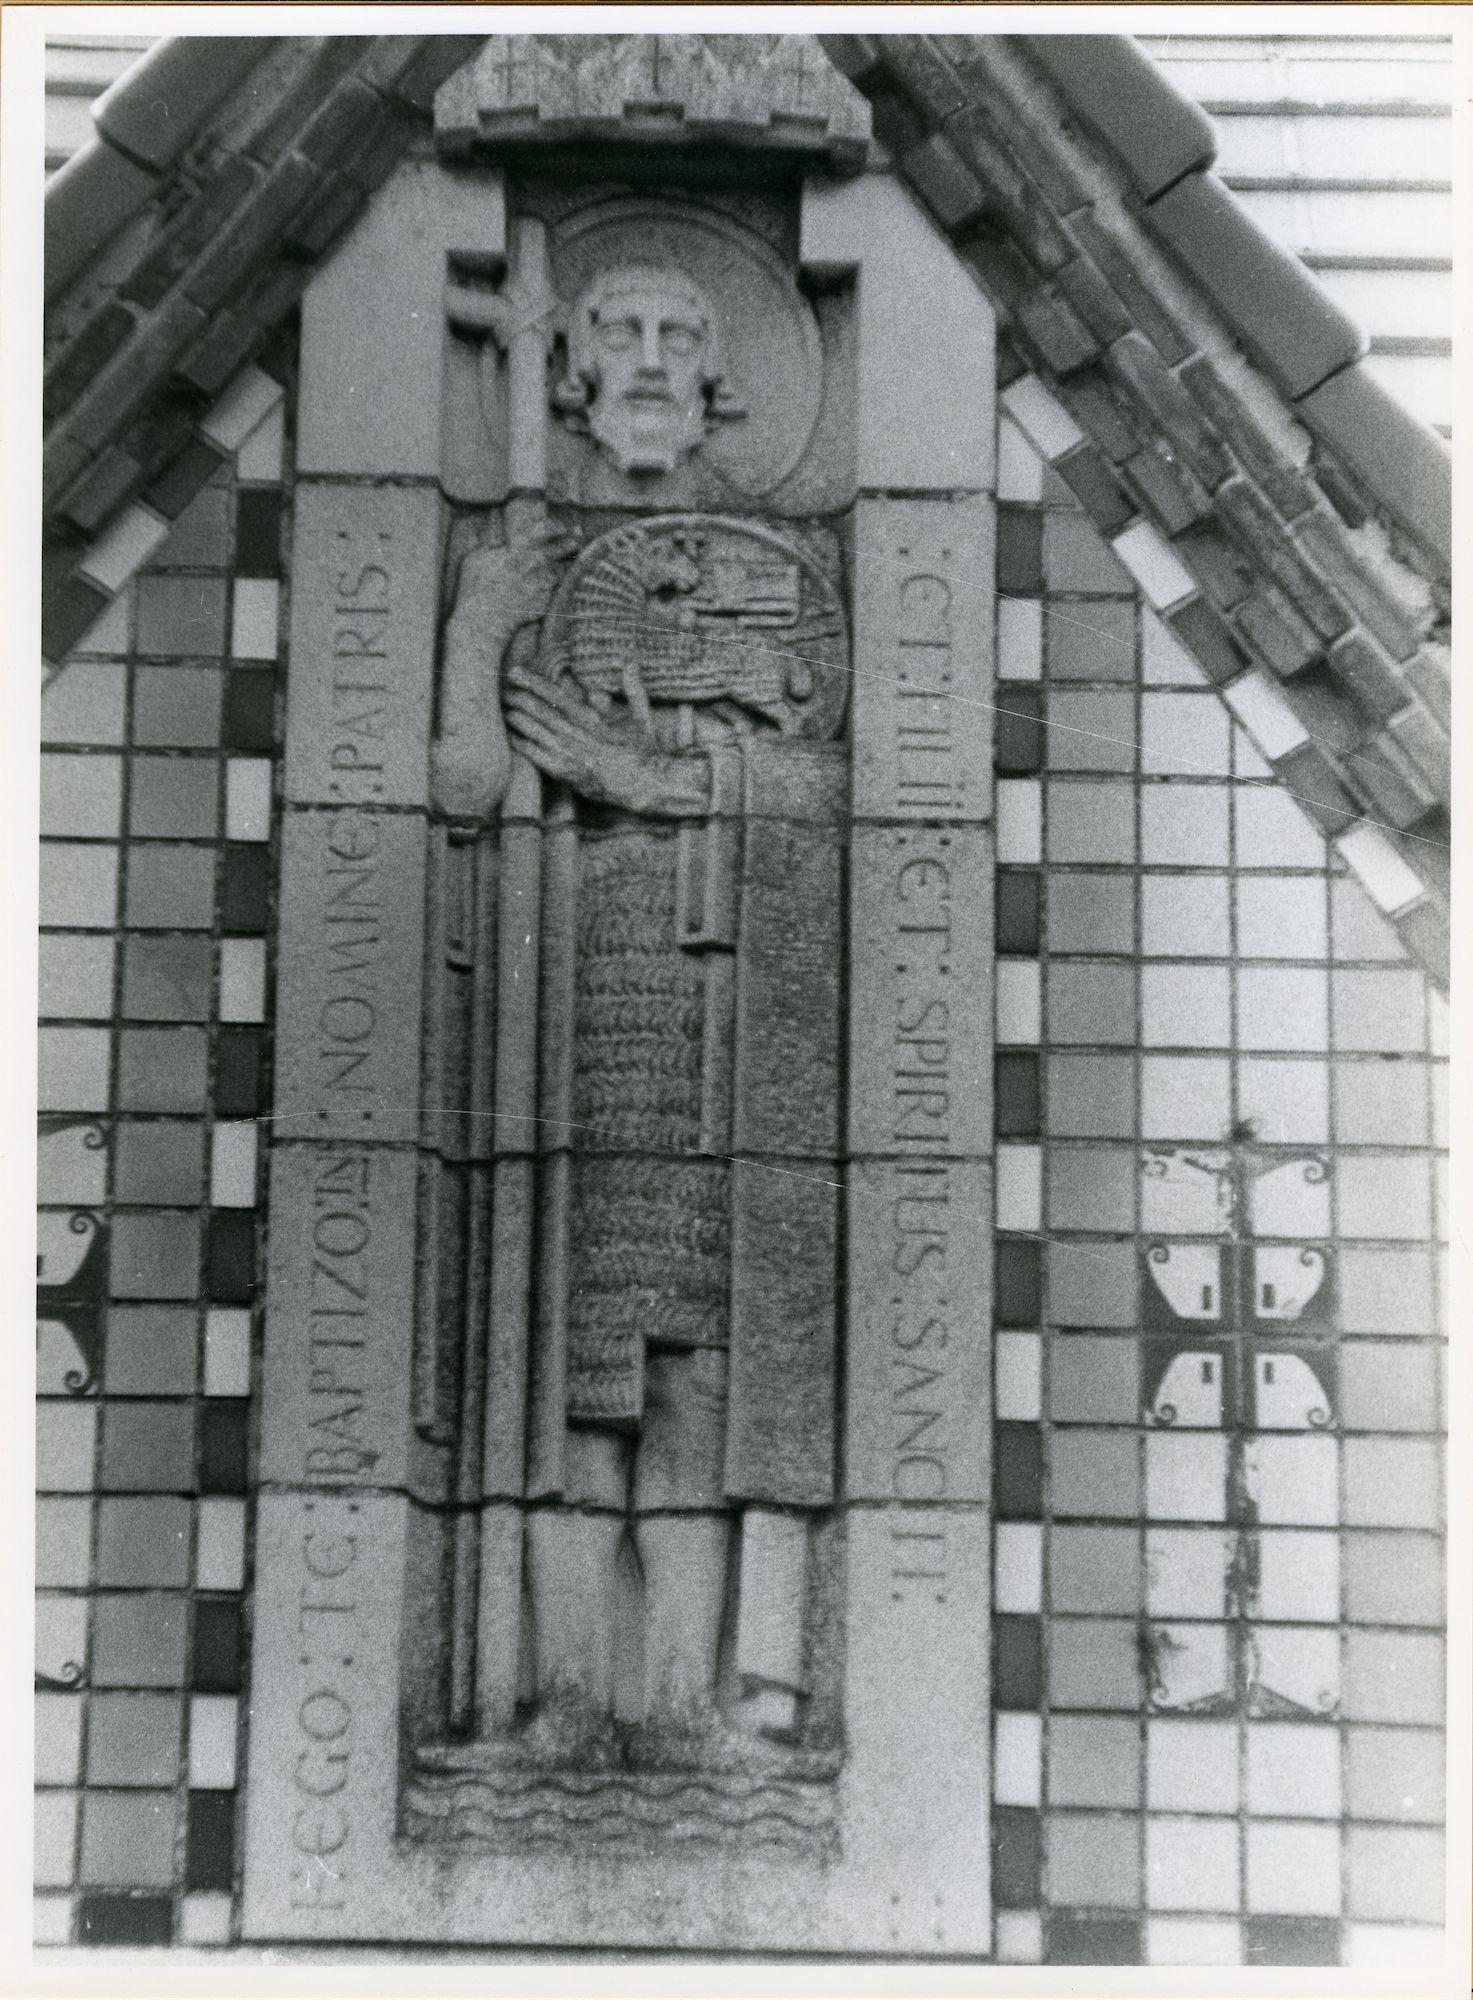 SInt-Amandsberg: Antwerpsesteenweg: Beeldhouwwerk, 1979